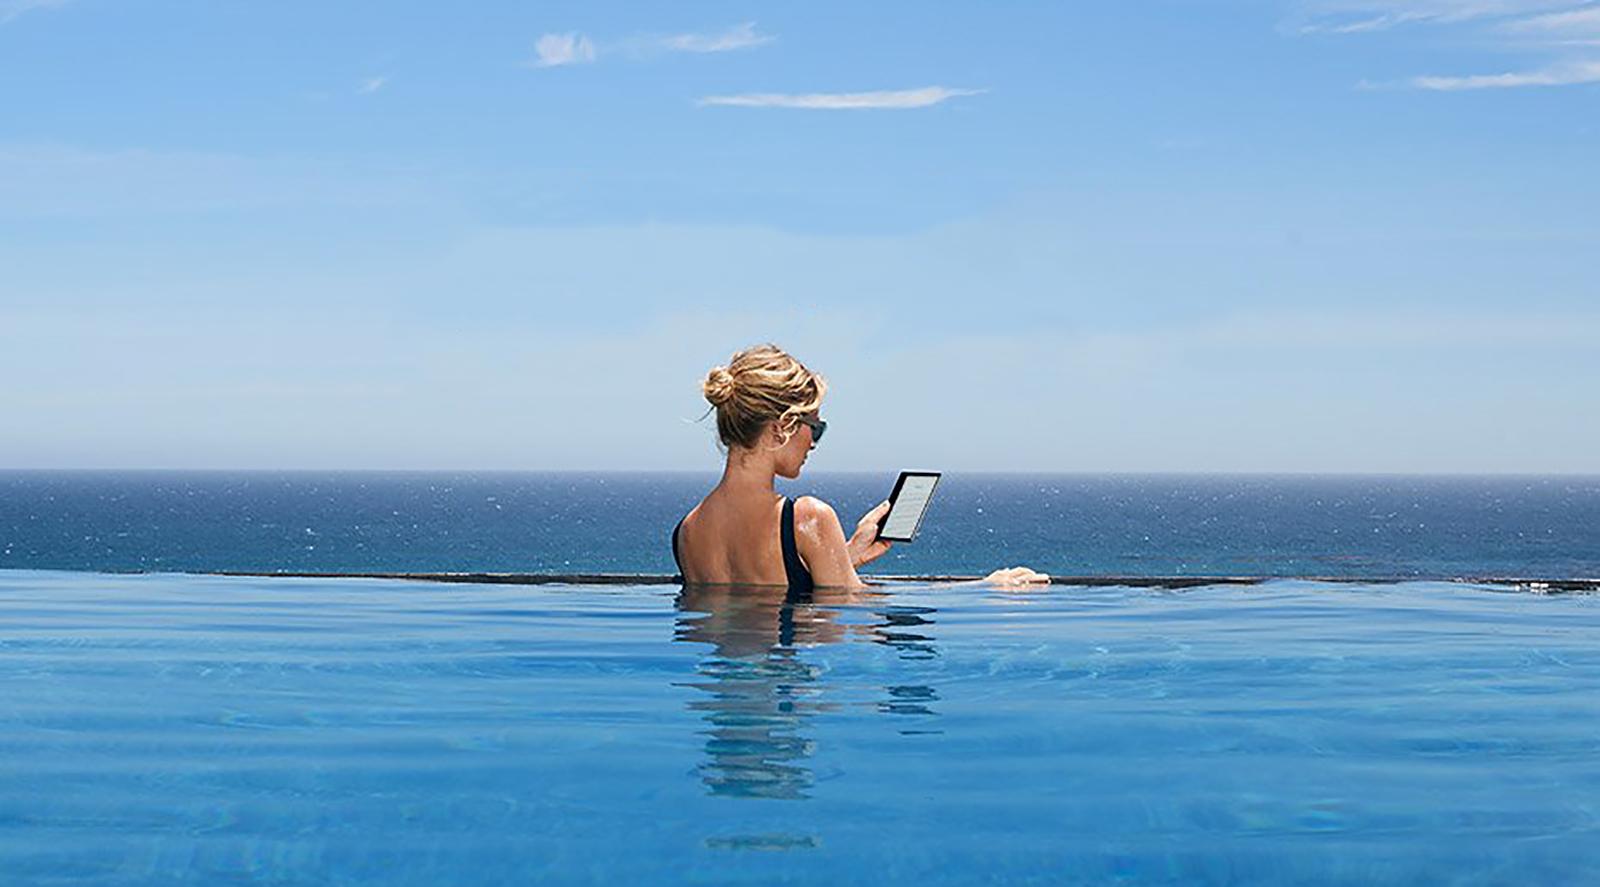 Amazon Oasis: the New Waterproof Kindle is Here